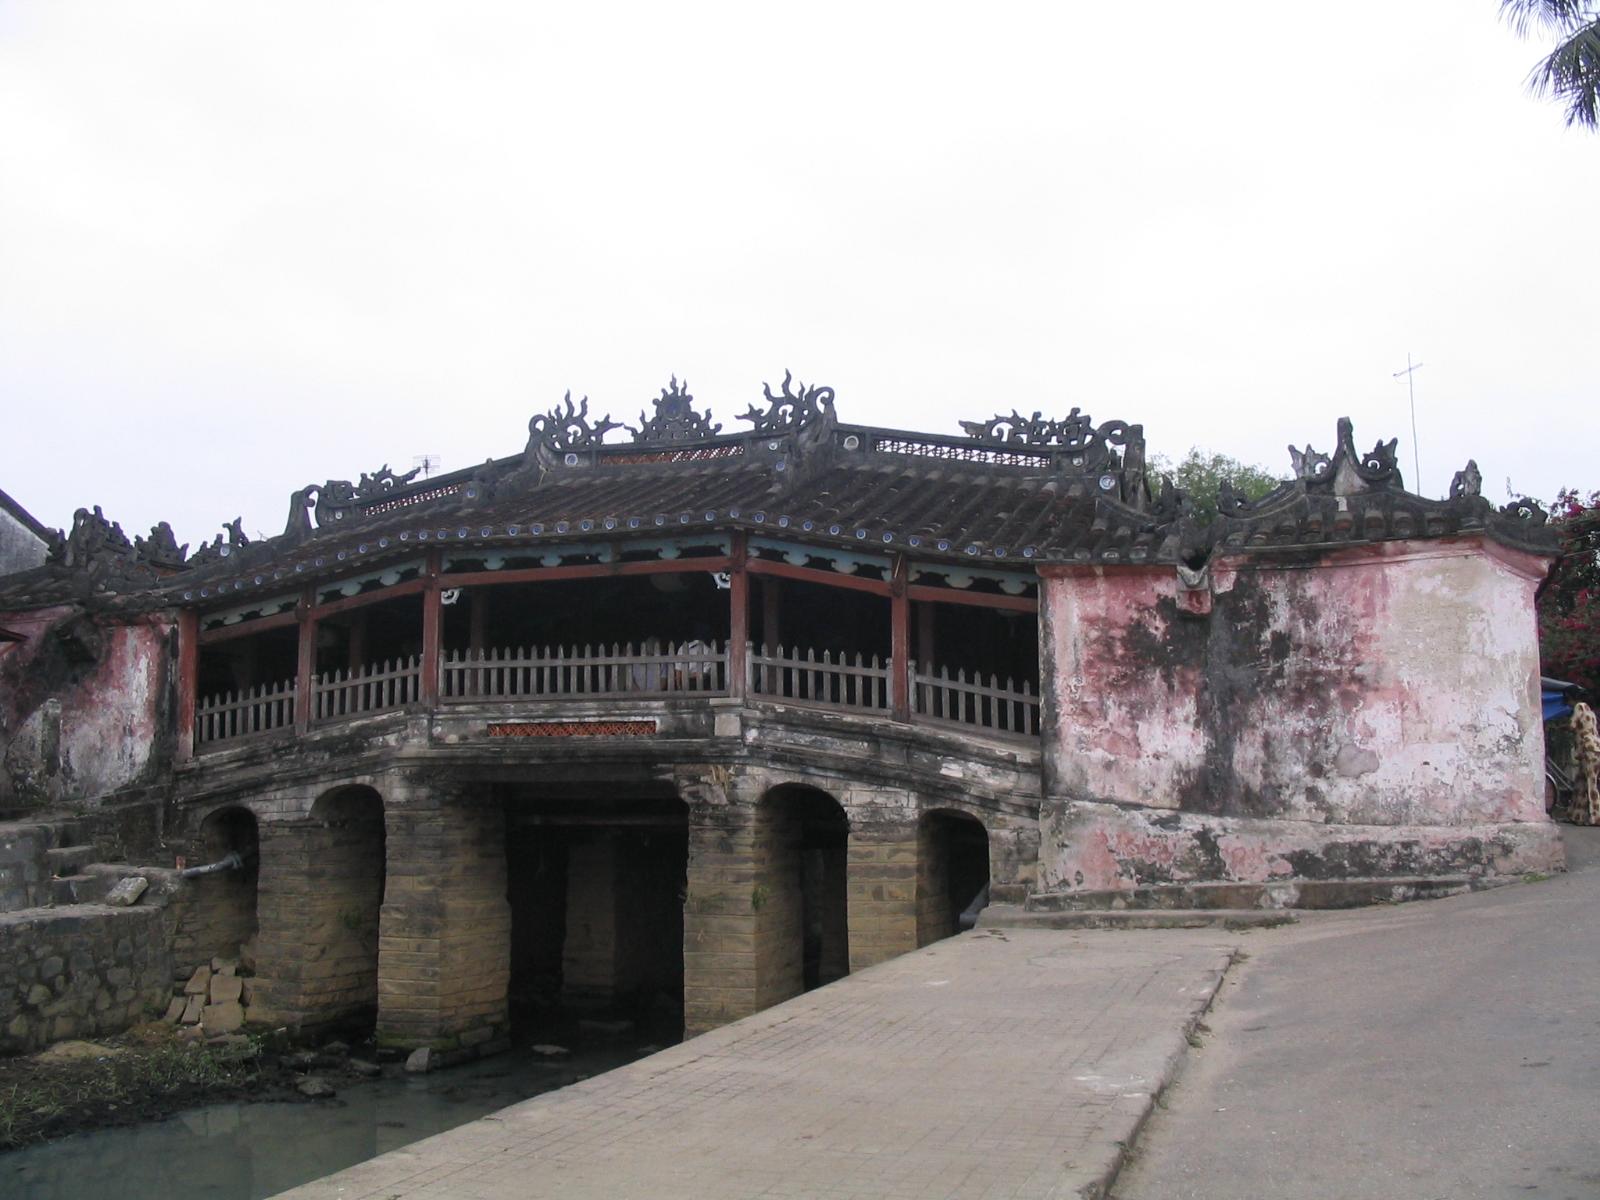 Chua Cau, Hoi An, Vietnam. Photo taken on March 17, 2005.